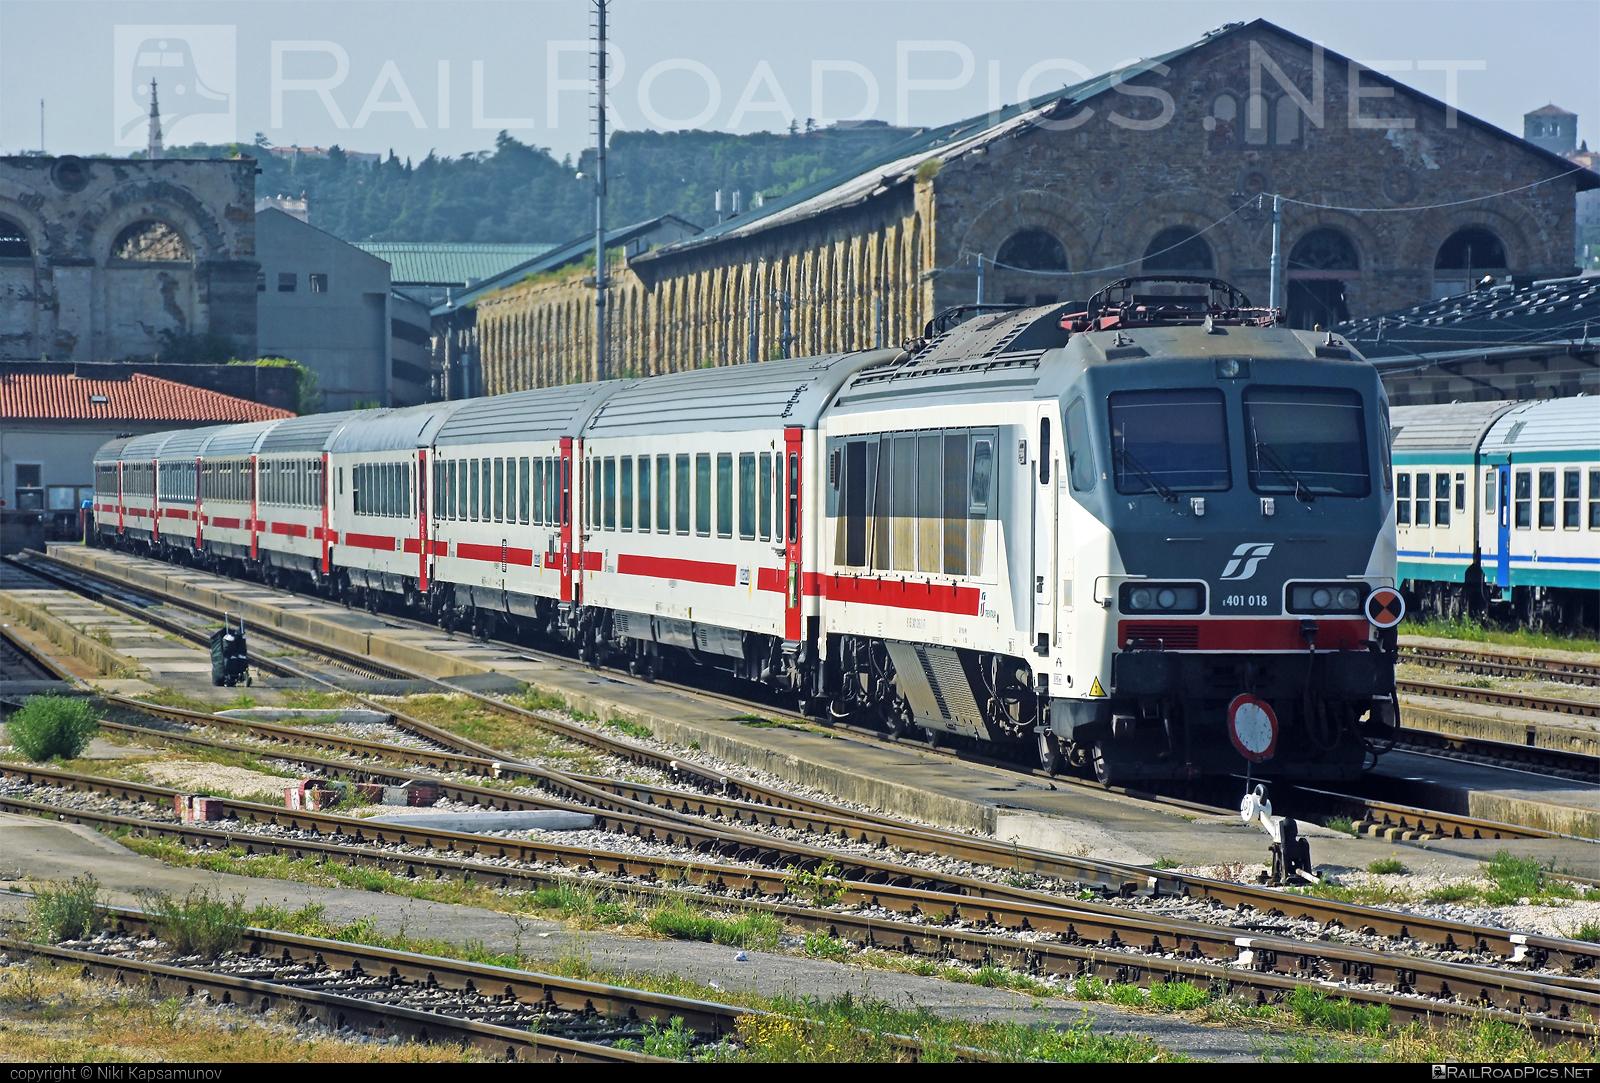 OGR Foligno Class E.401 - E.401 018 operated by Trenitalia S.p.A. #OfficineGrandiRiparazioni #OfficineGrandiRiparazioniFoligno #classe401 #e401locomotive #ferroviedellostato #fs #fsclasse401 #fsitaliane #ogr #ogrfoligno #trenitalia #trenitaliaspa